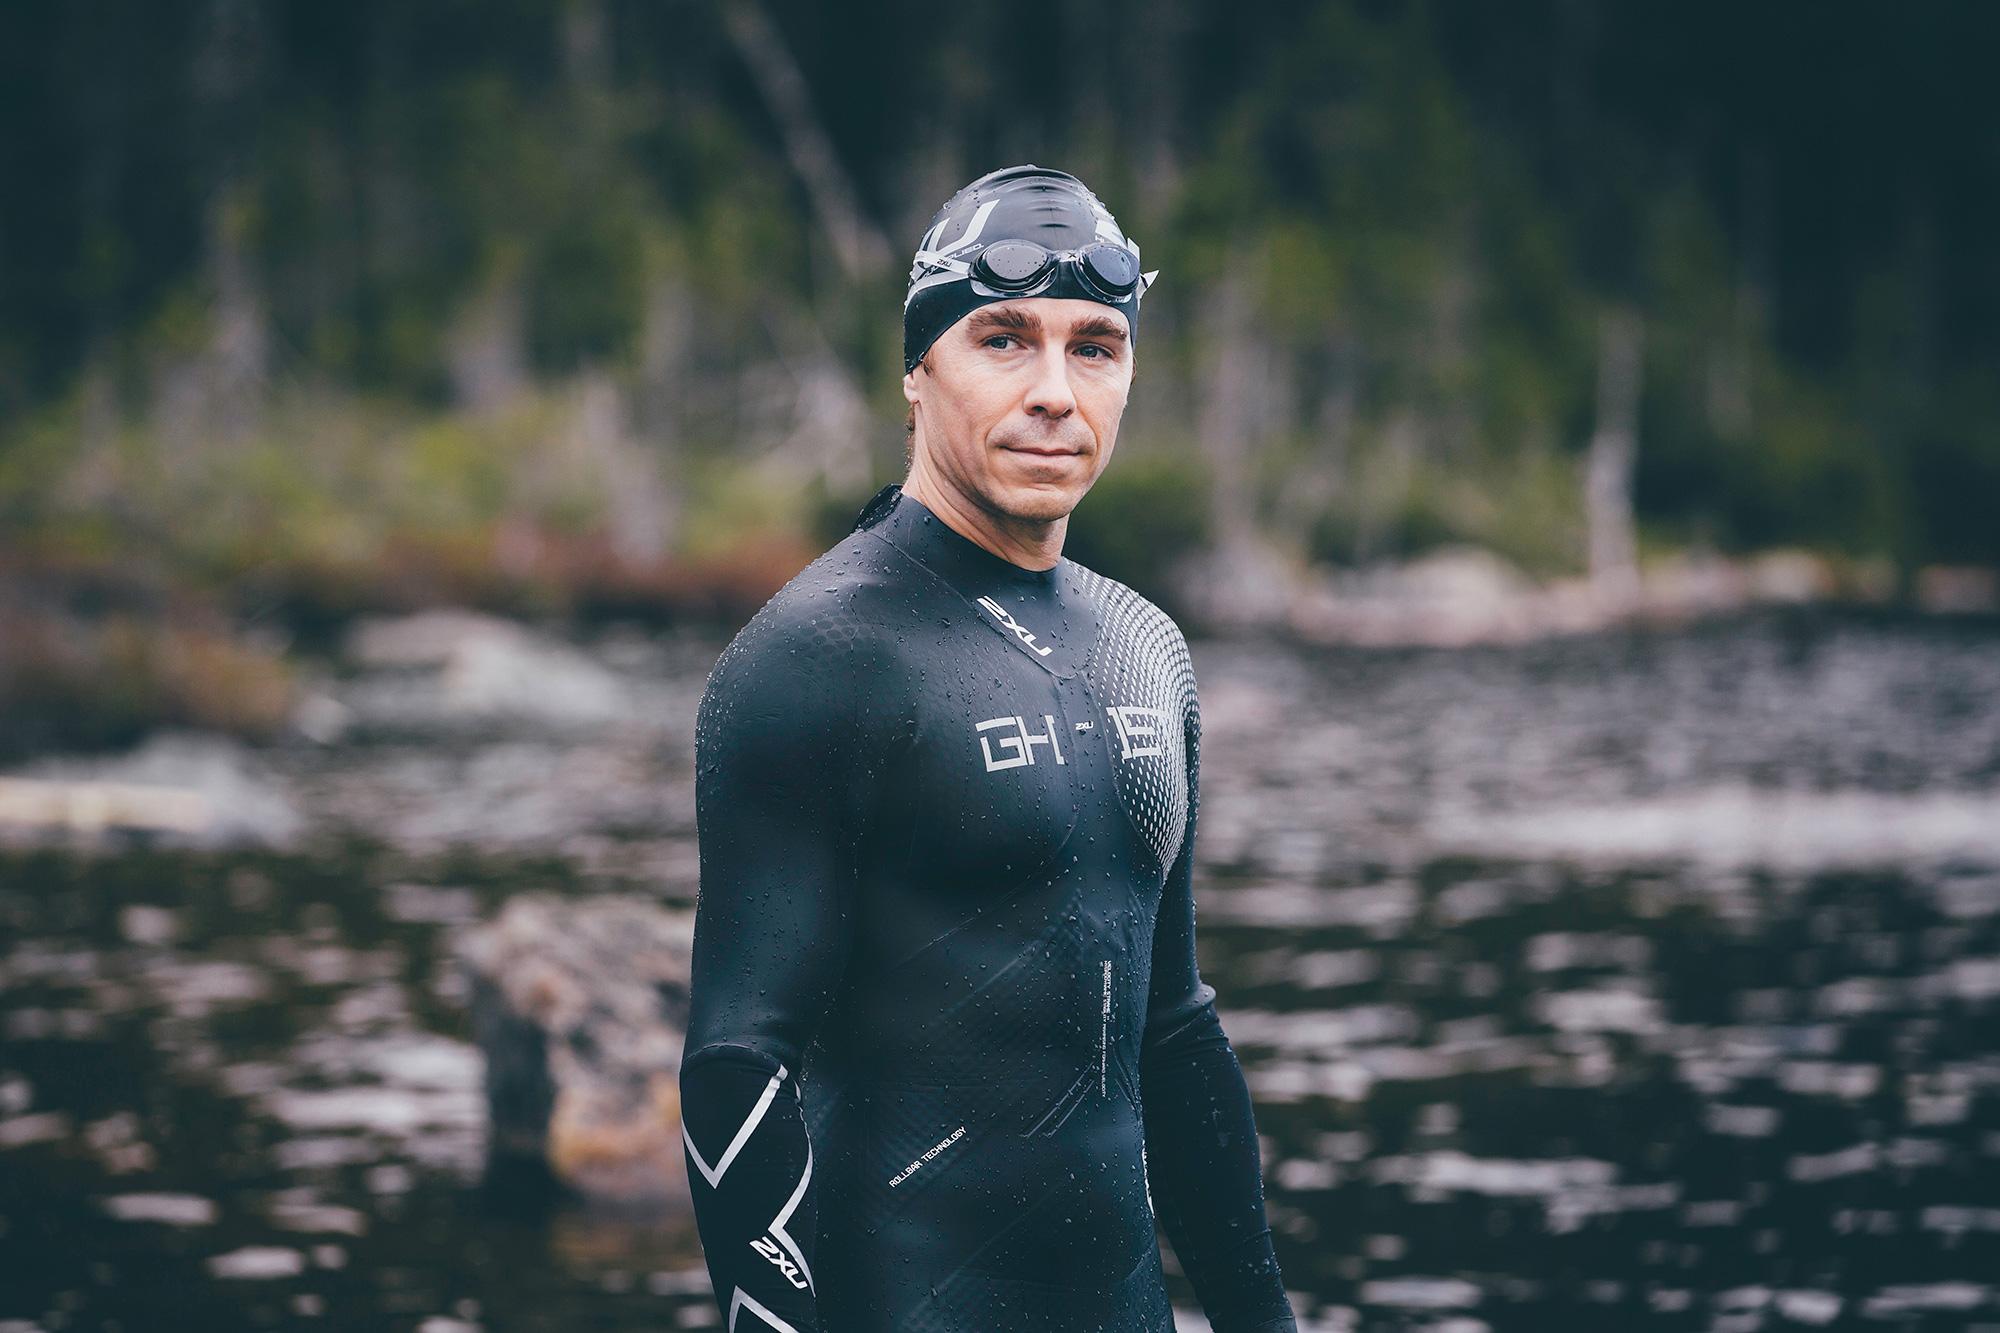 Tommy Ferlatte avec le wetsuit GHST de 2XU / Photo : Morgane Moussé